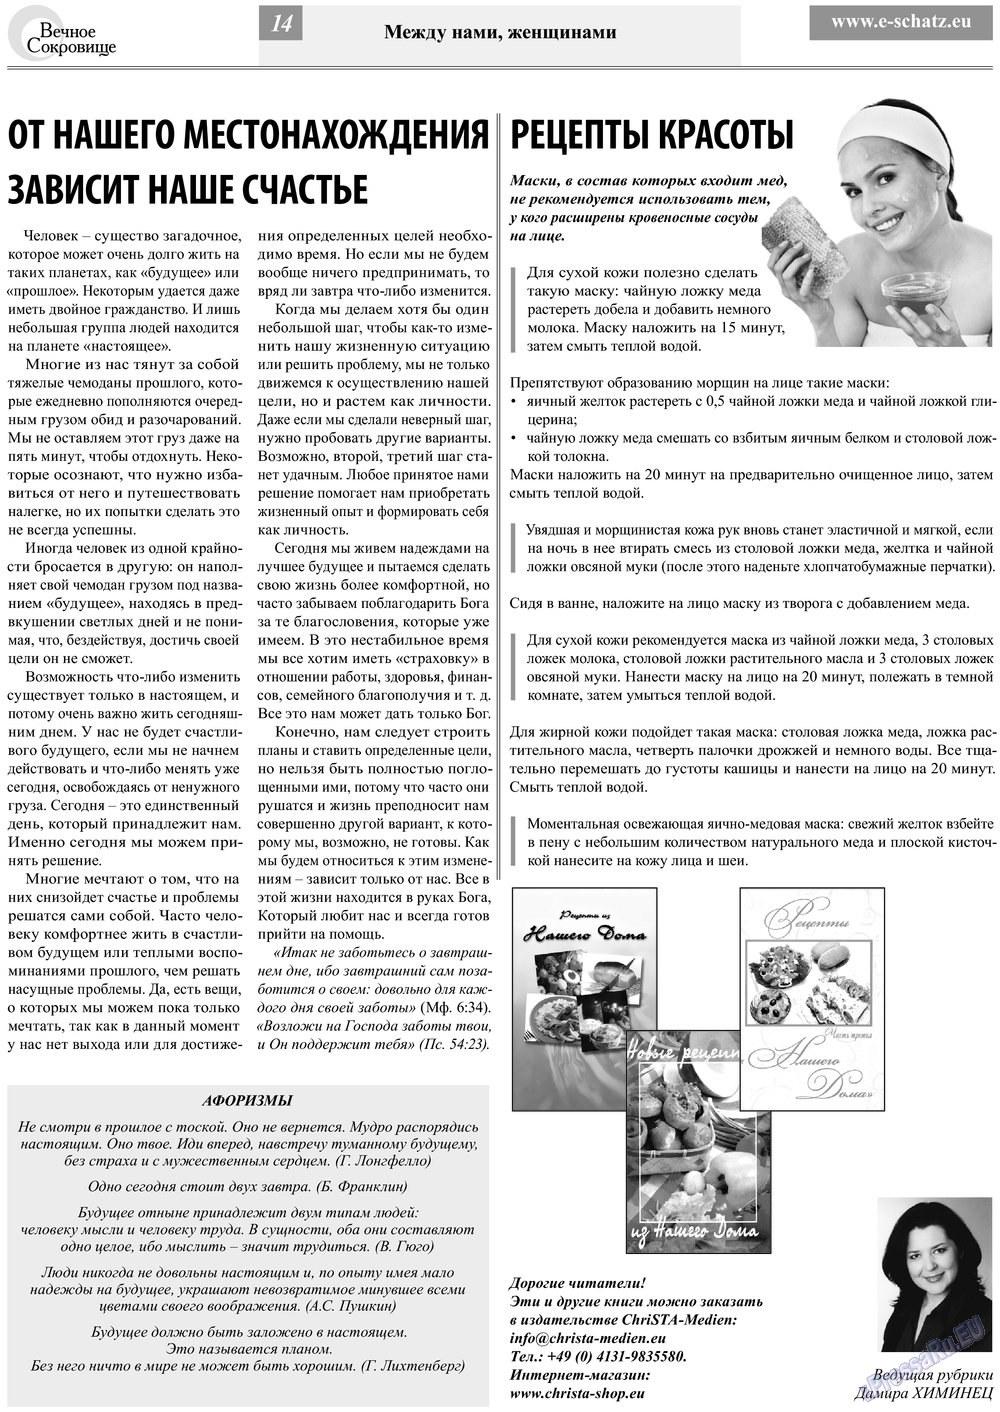 Вечное сокровище (газета). 2013 год, номер 2, стр. 14